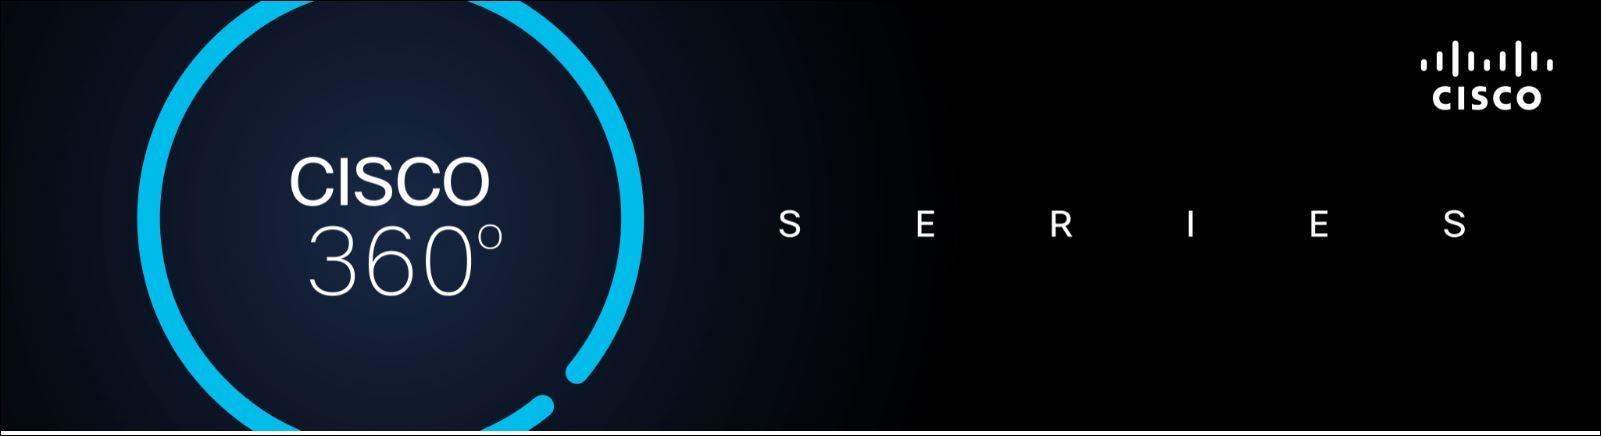 Cisco 360° Series  - Sesiones WebEx, Q4 2020